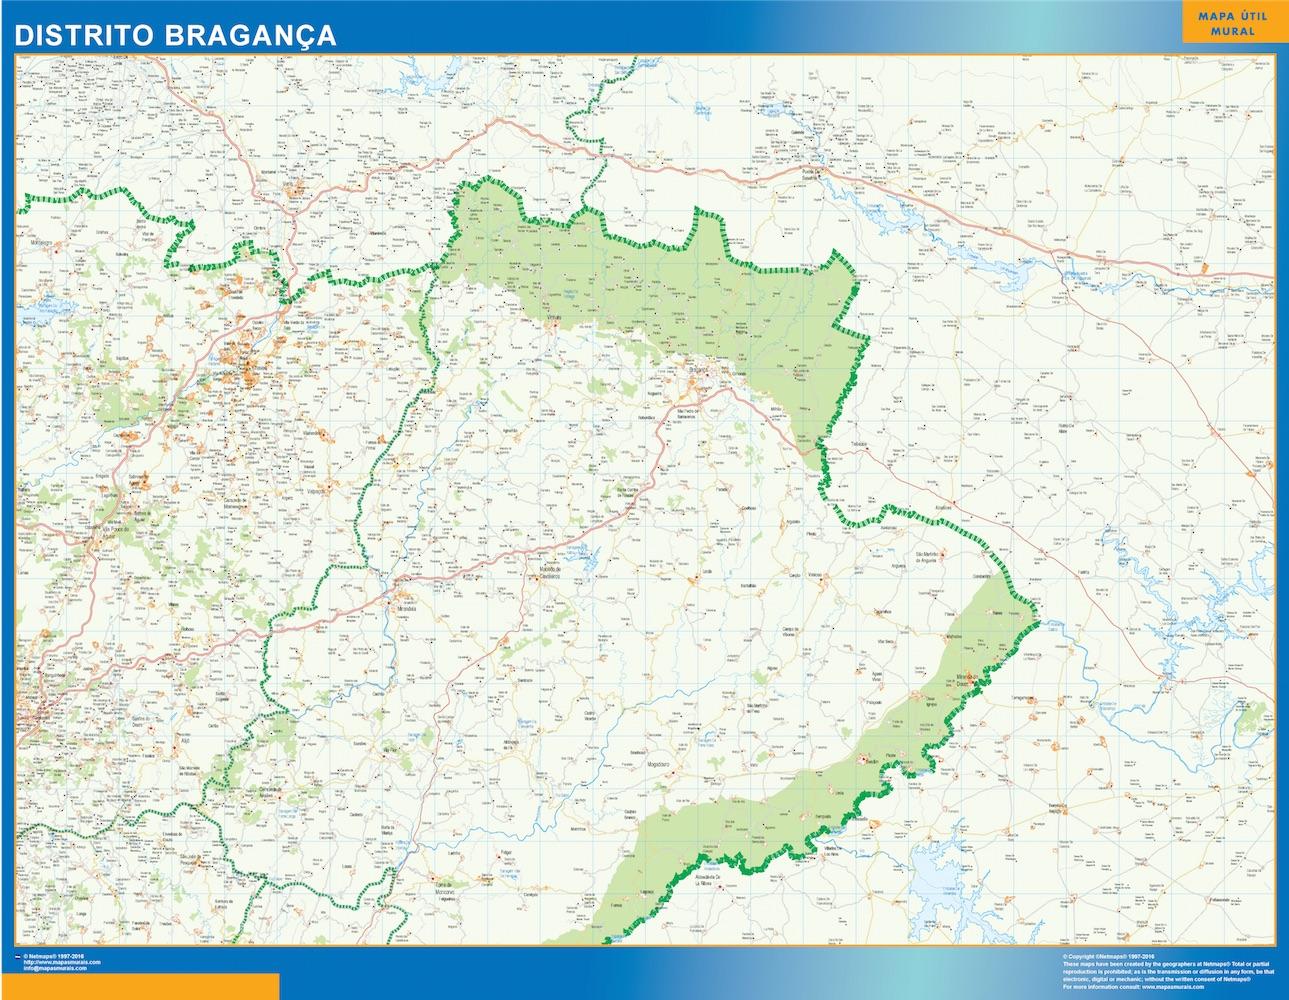 Mapa Distrito Bragança